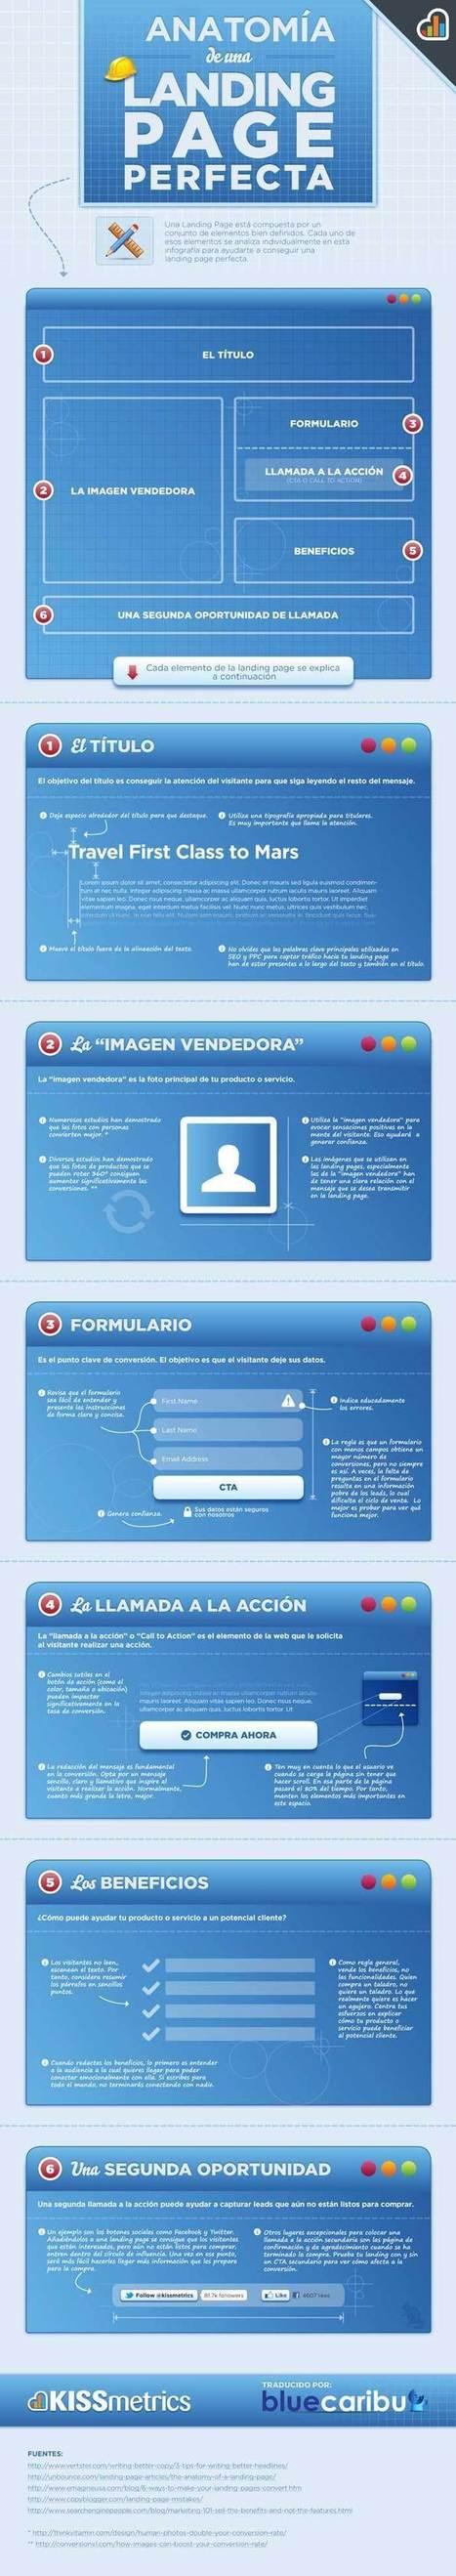 Tips en los elementos de una Landing Page o Pagina de Aterrizaje | Marketing Digital Landing Pages | Scoop.it